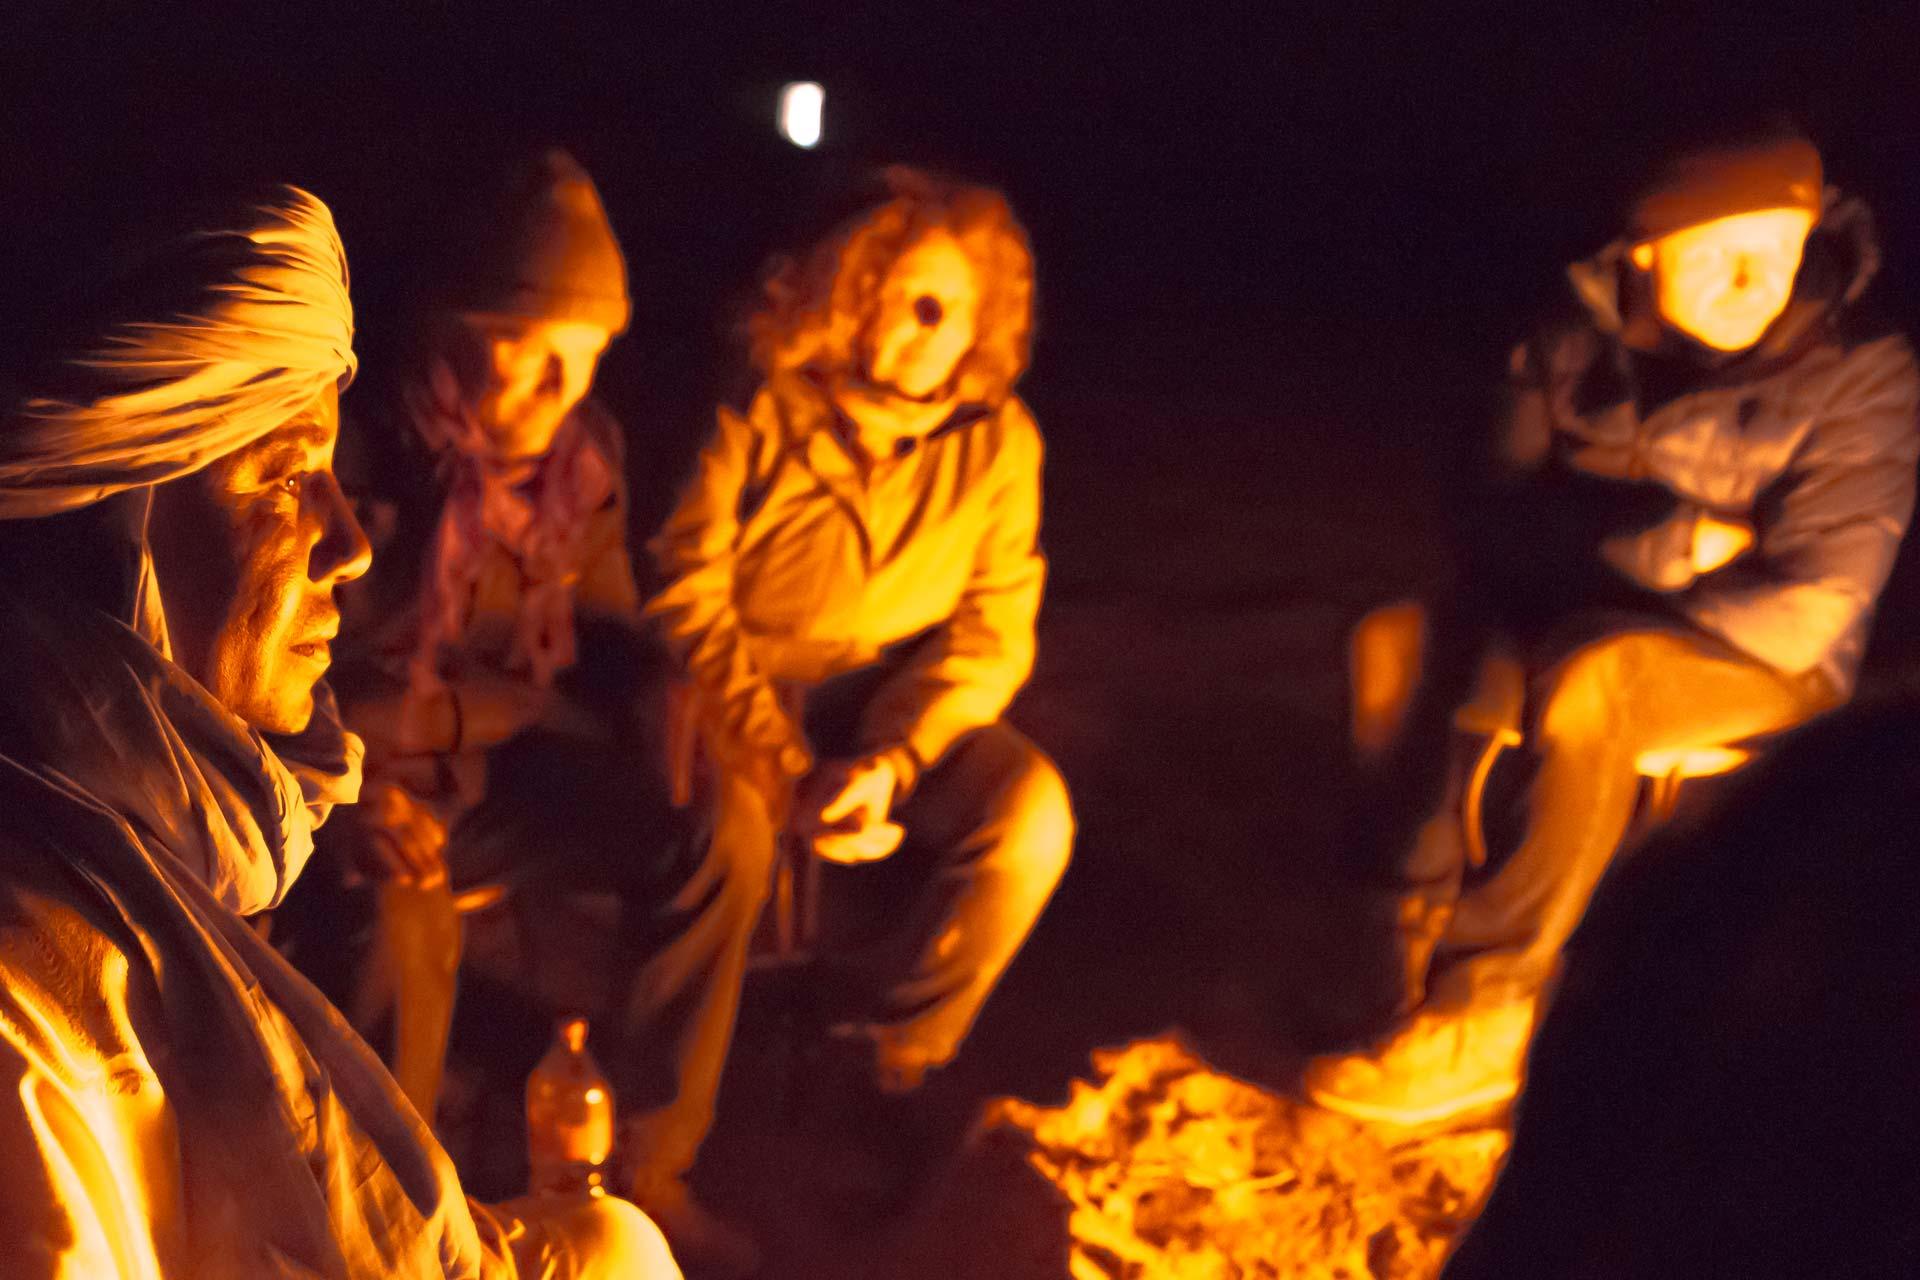 Reisefotografie - Lagerfeuer in der Sahara